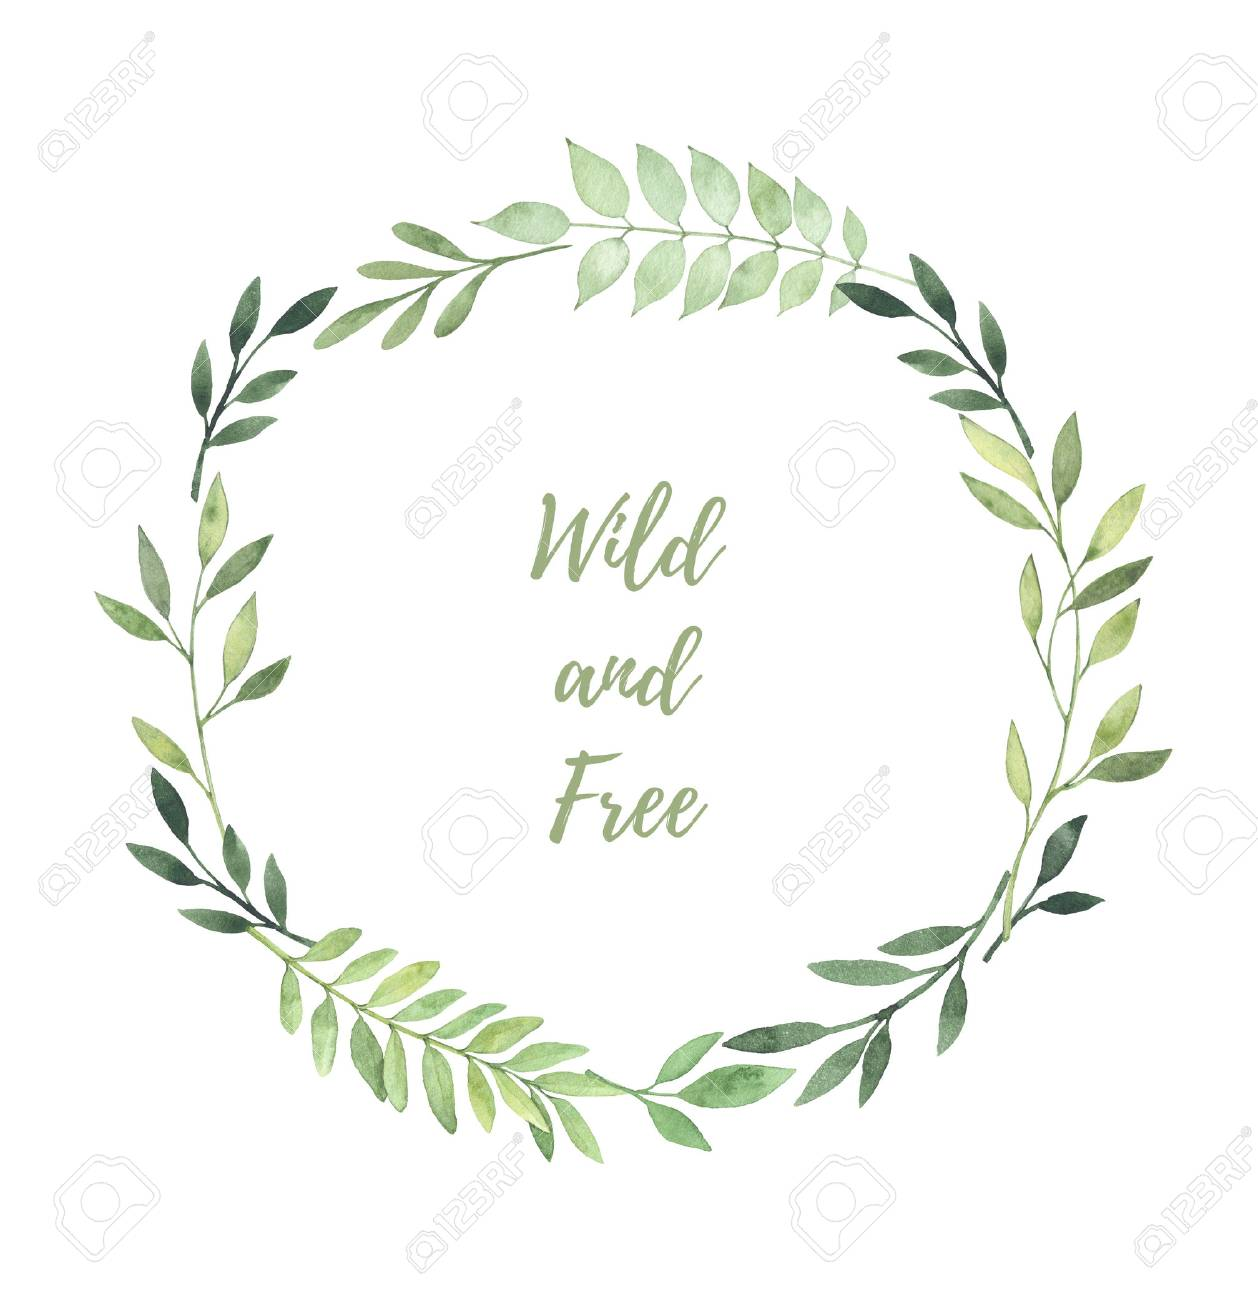 手描き水彩イラスト葉と枝を持つ月桂樹のリース結婚式招待状